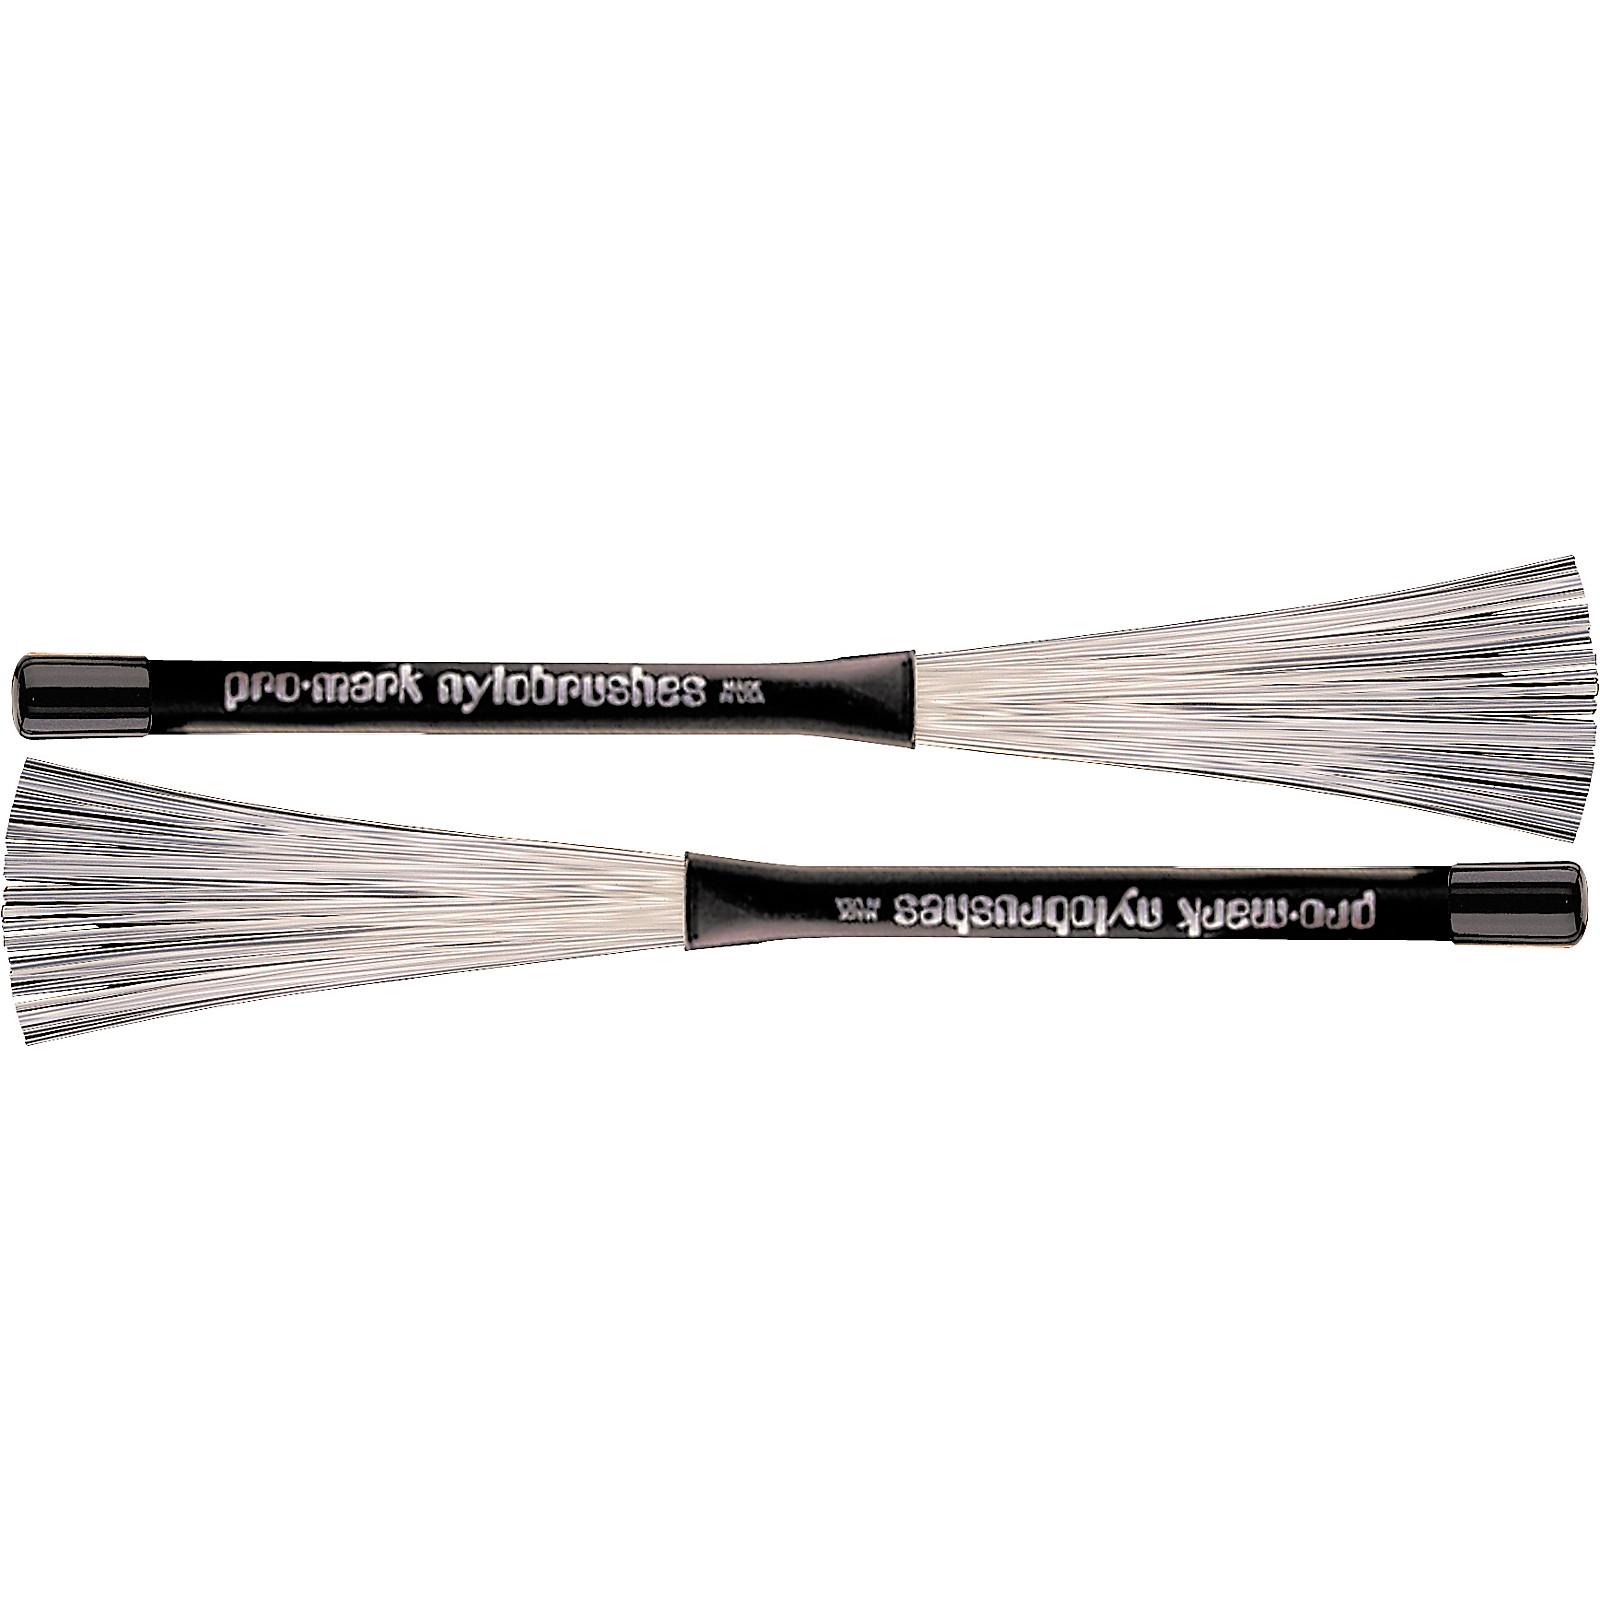 Promark B600 Nylon Brush Pair